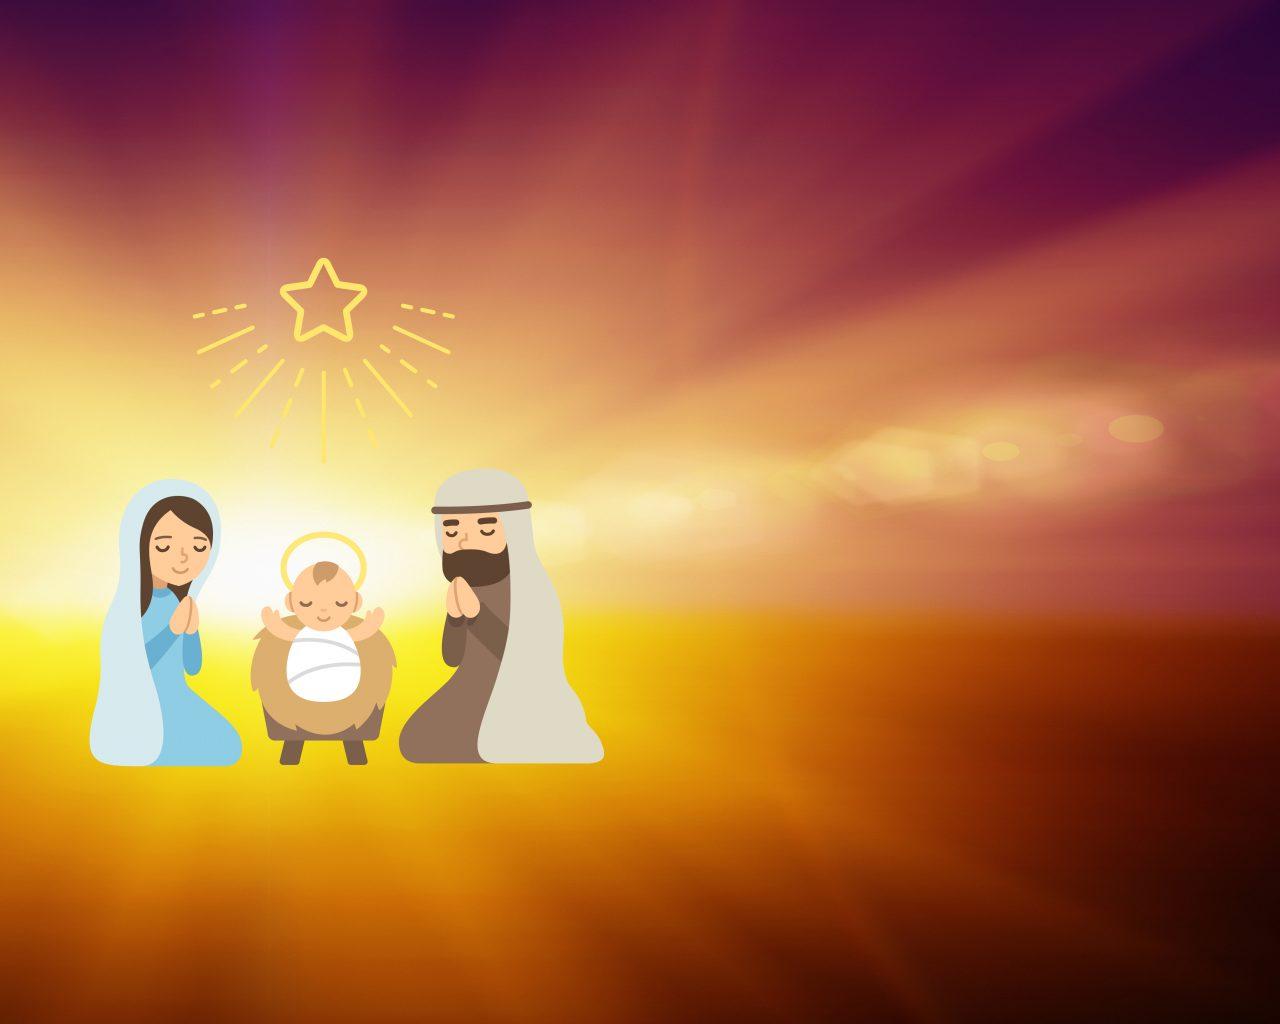 Illustrasjon av Julekrybben